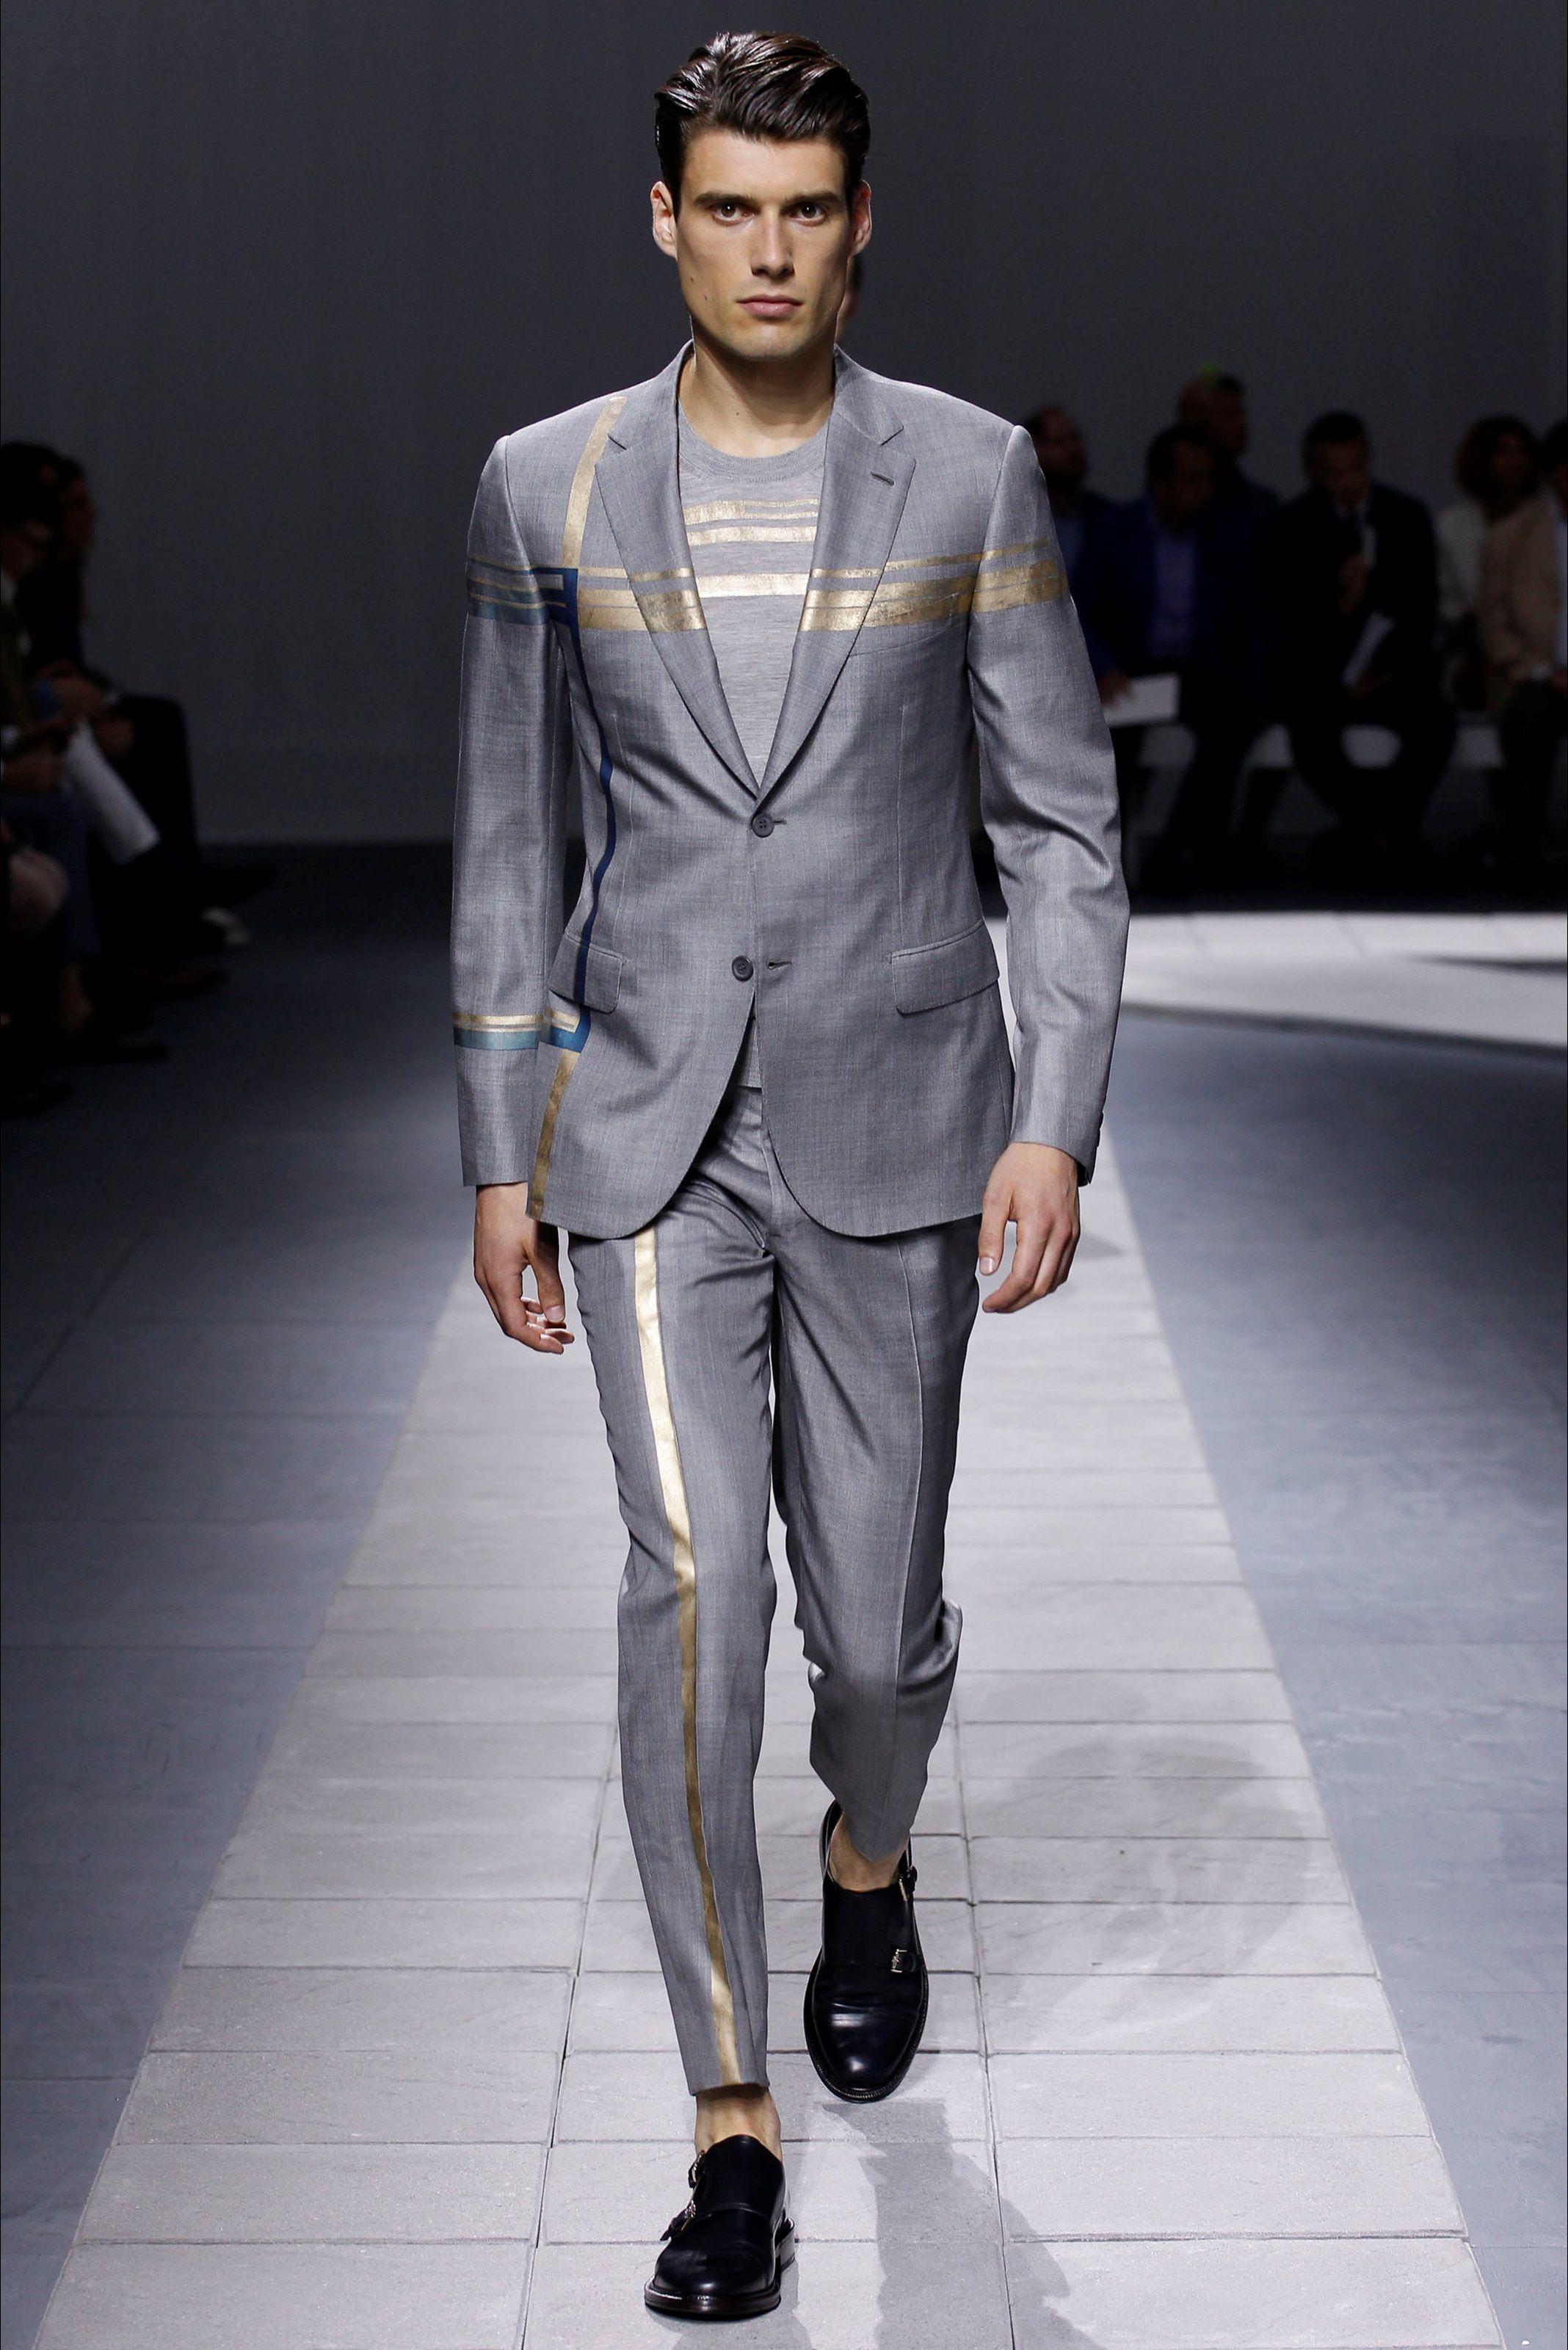 Sfilata Moda Uomo Brioni Milano - Primavera Estate 2016 - Vogue ... ba17b3c9846